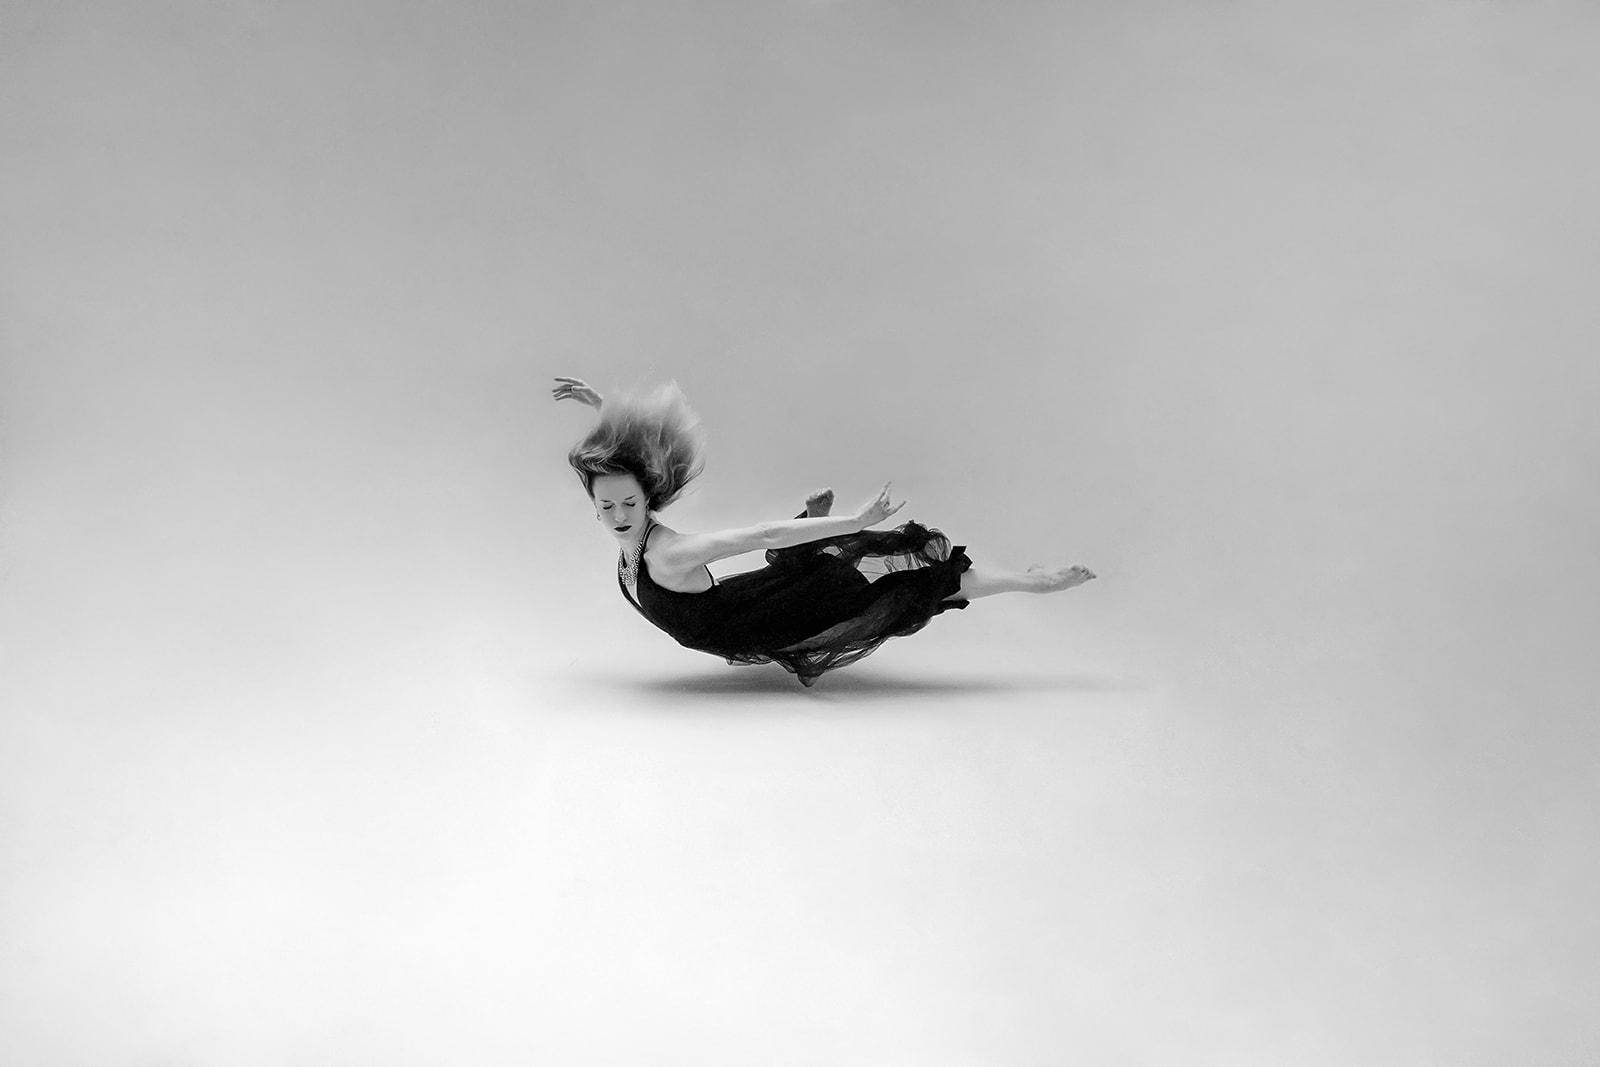 aquatique underwater photographe lyon armelle dupuis